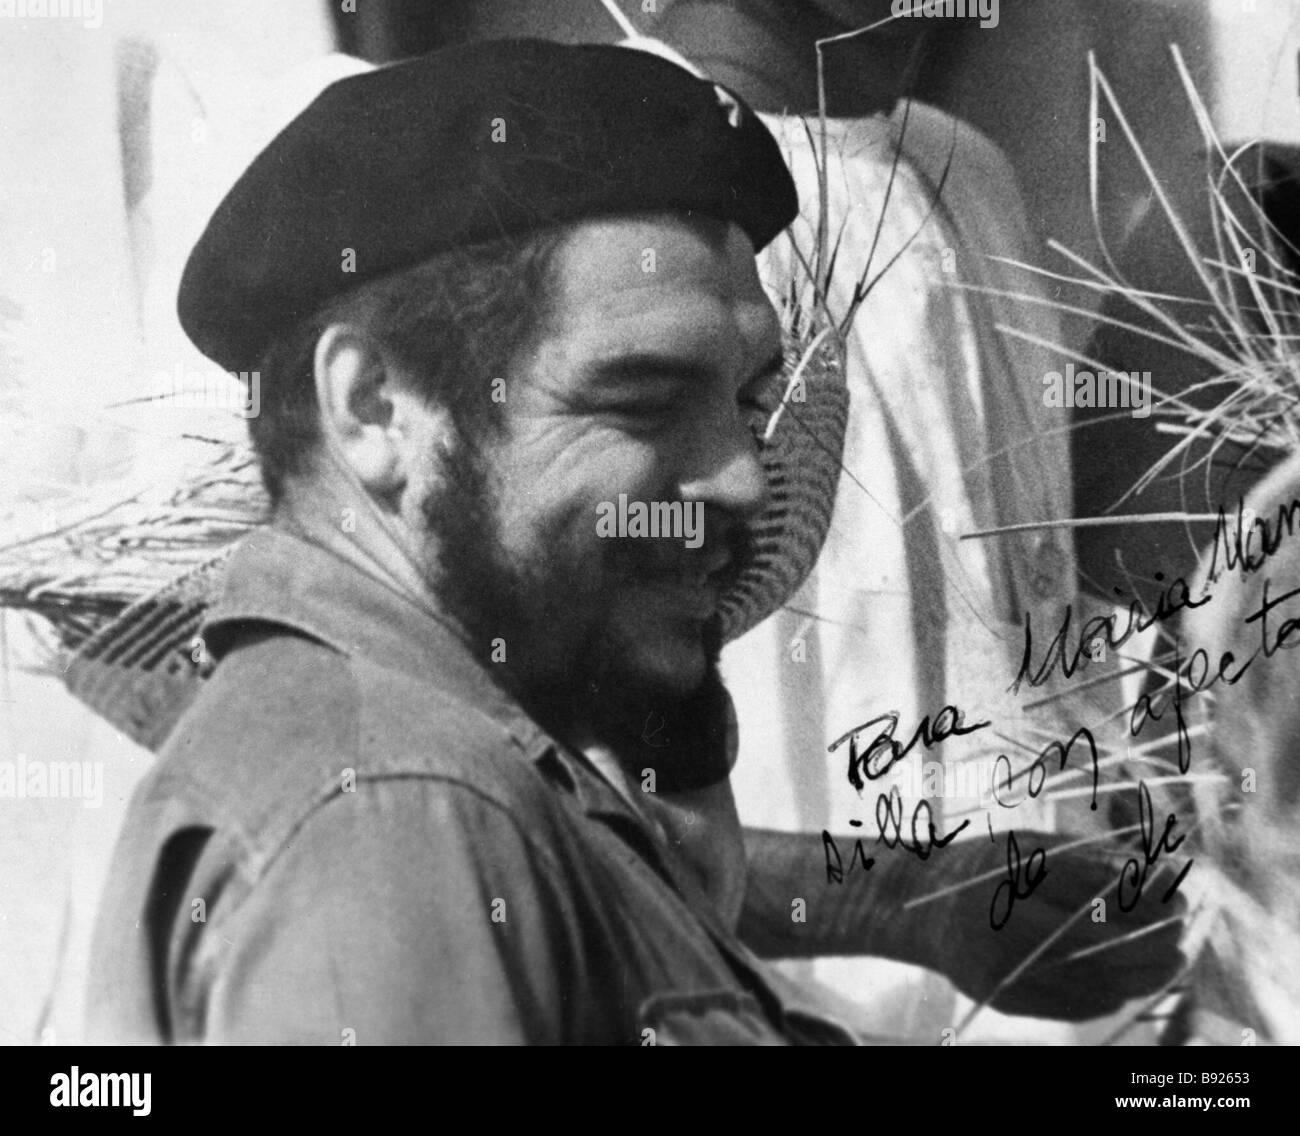 The Latin American revolutionary participant in the Cuban revolution Ernesto Che Gevara - Stock Image